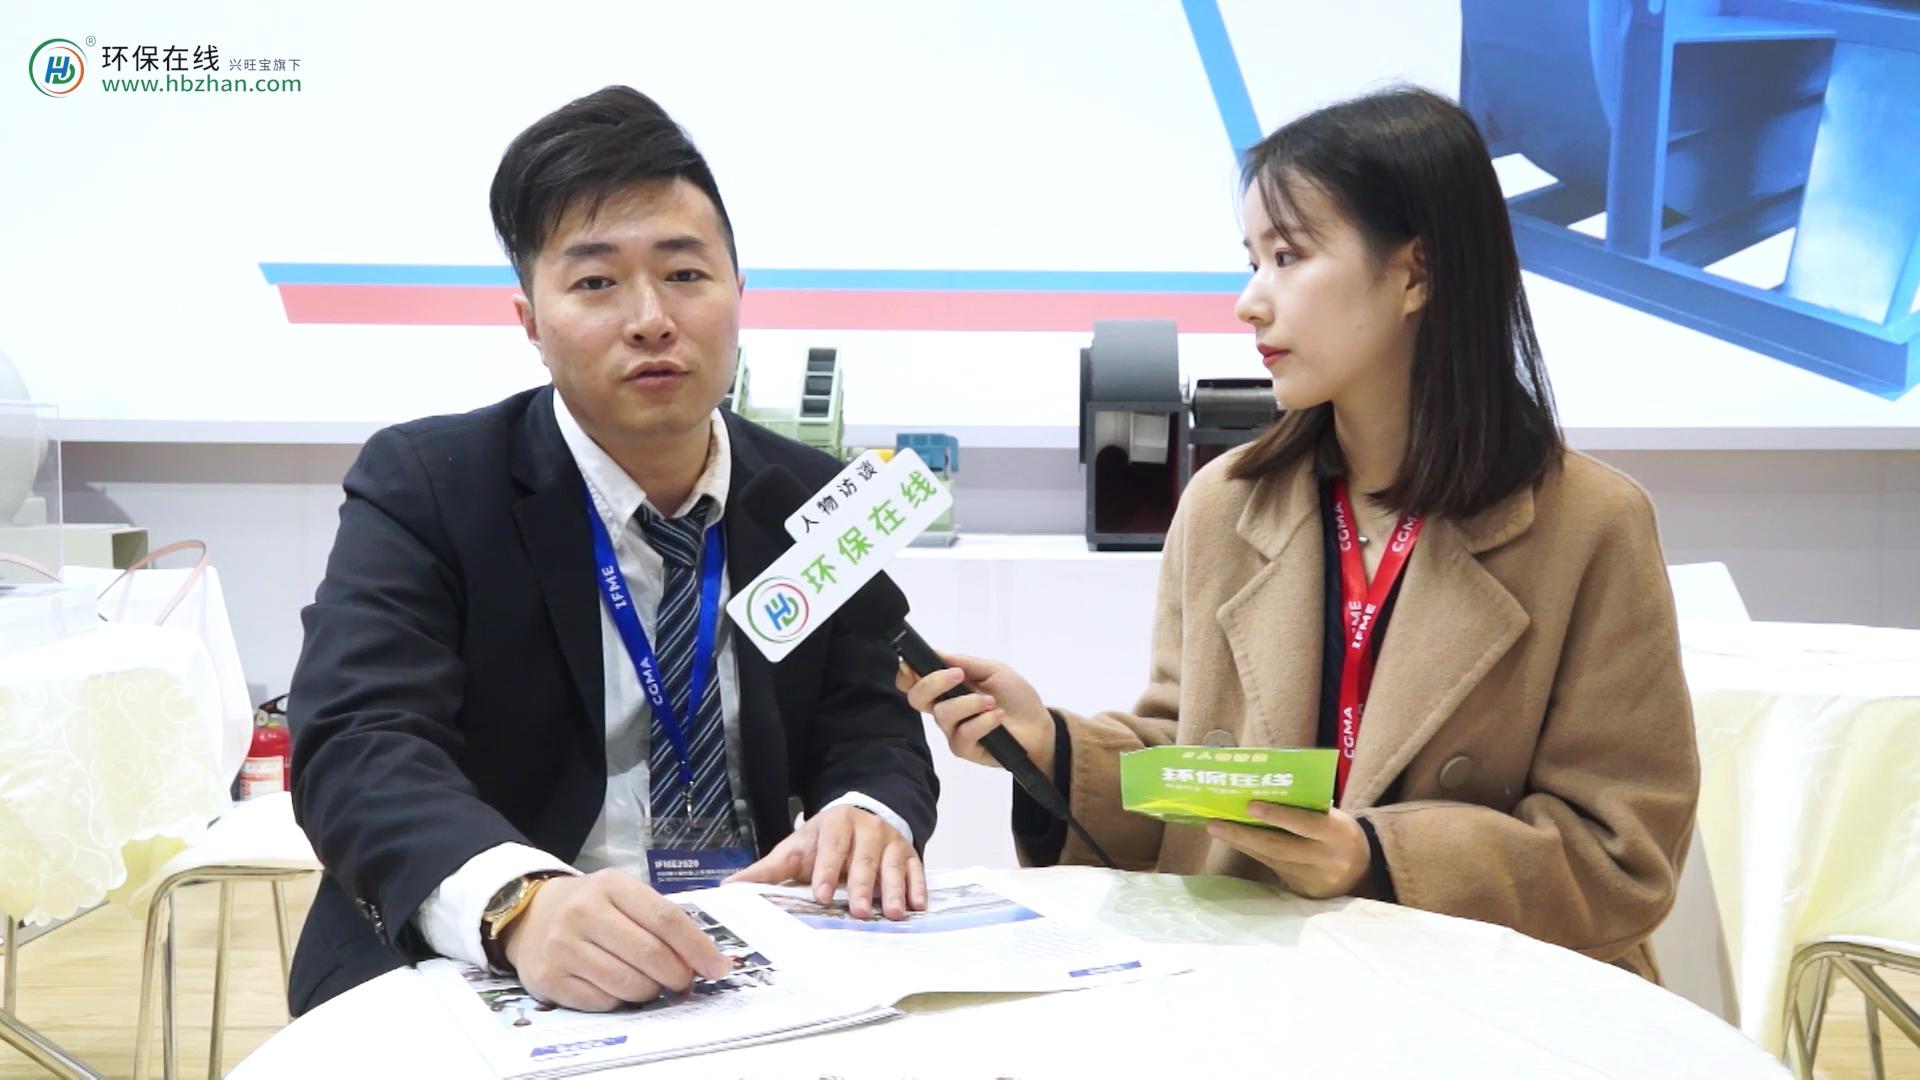 專訪︰上海通用風機股份有限公司常務副總 曹閩申